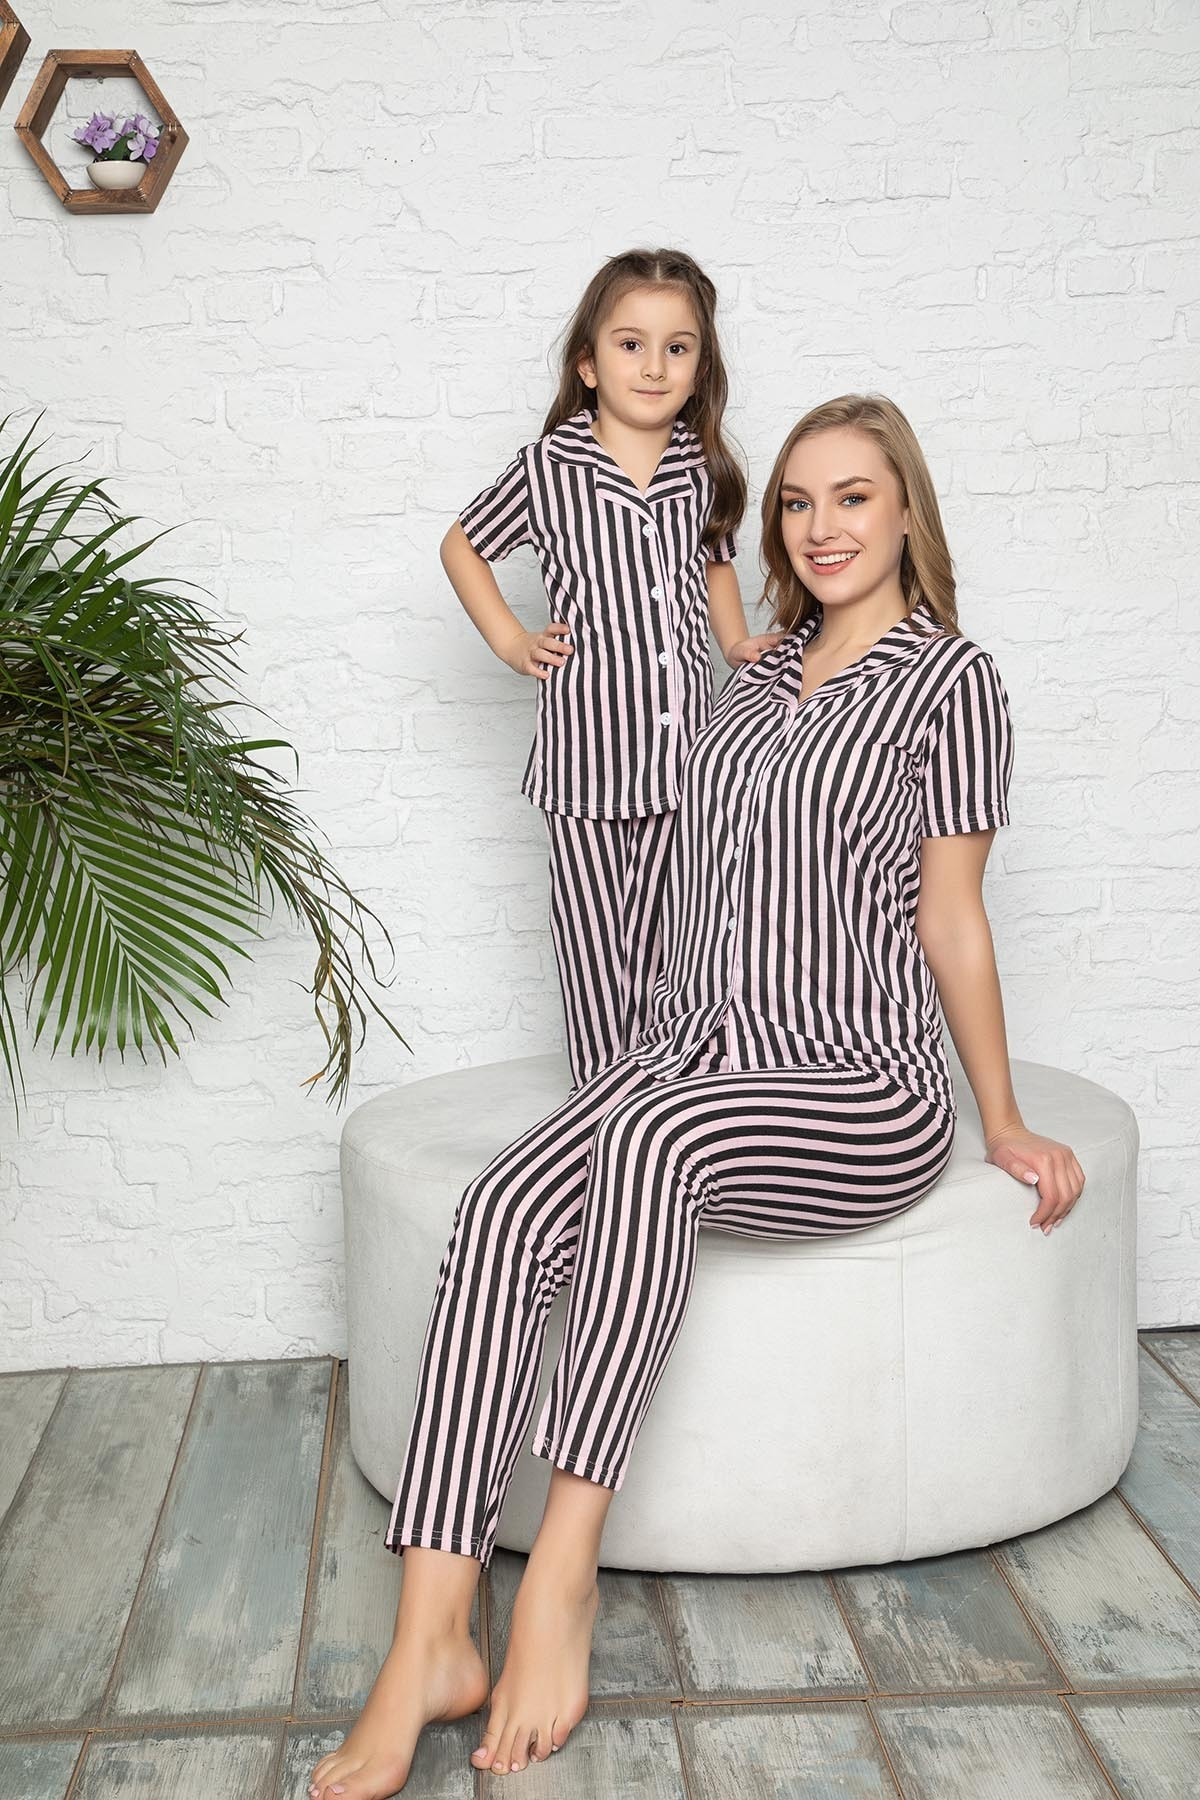 modalizy Anne Kız Pembe Siyah Çizgili Desen Pijama Kombinleri (Tek tek sepete eklemeniz gerekmektedir) 1